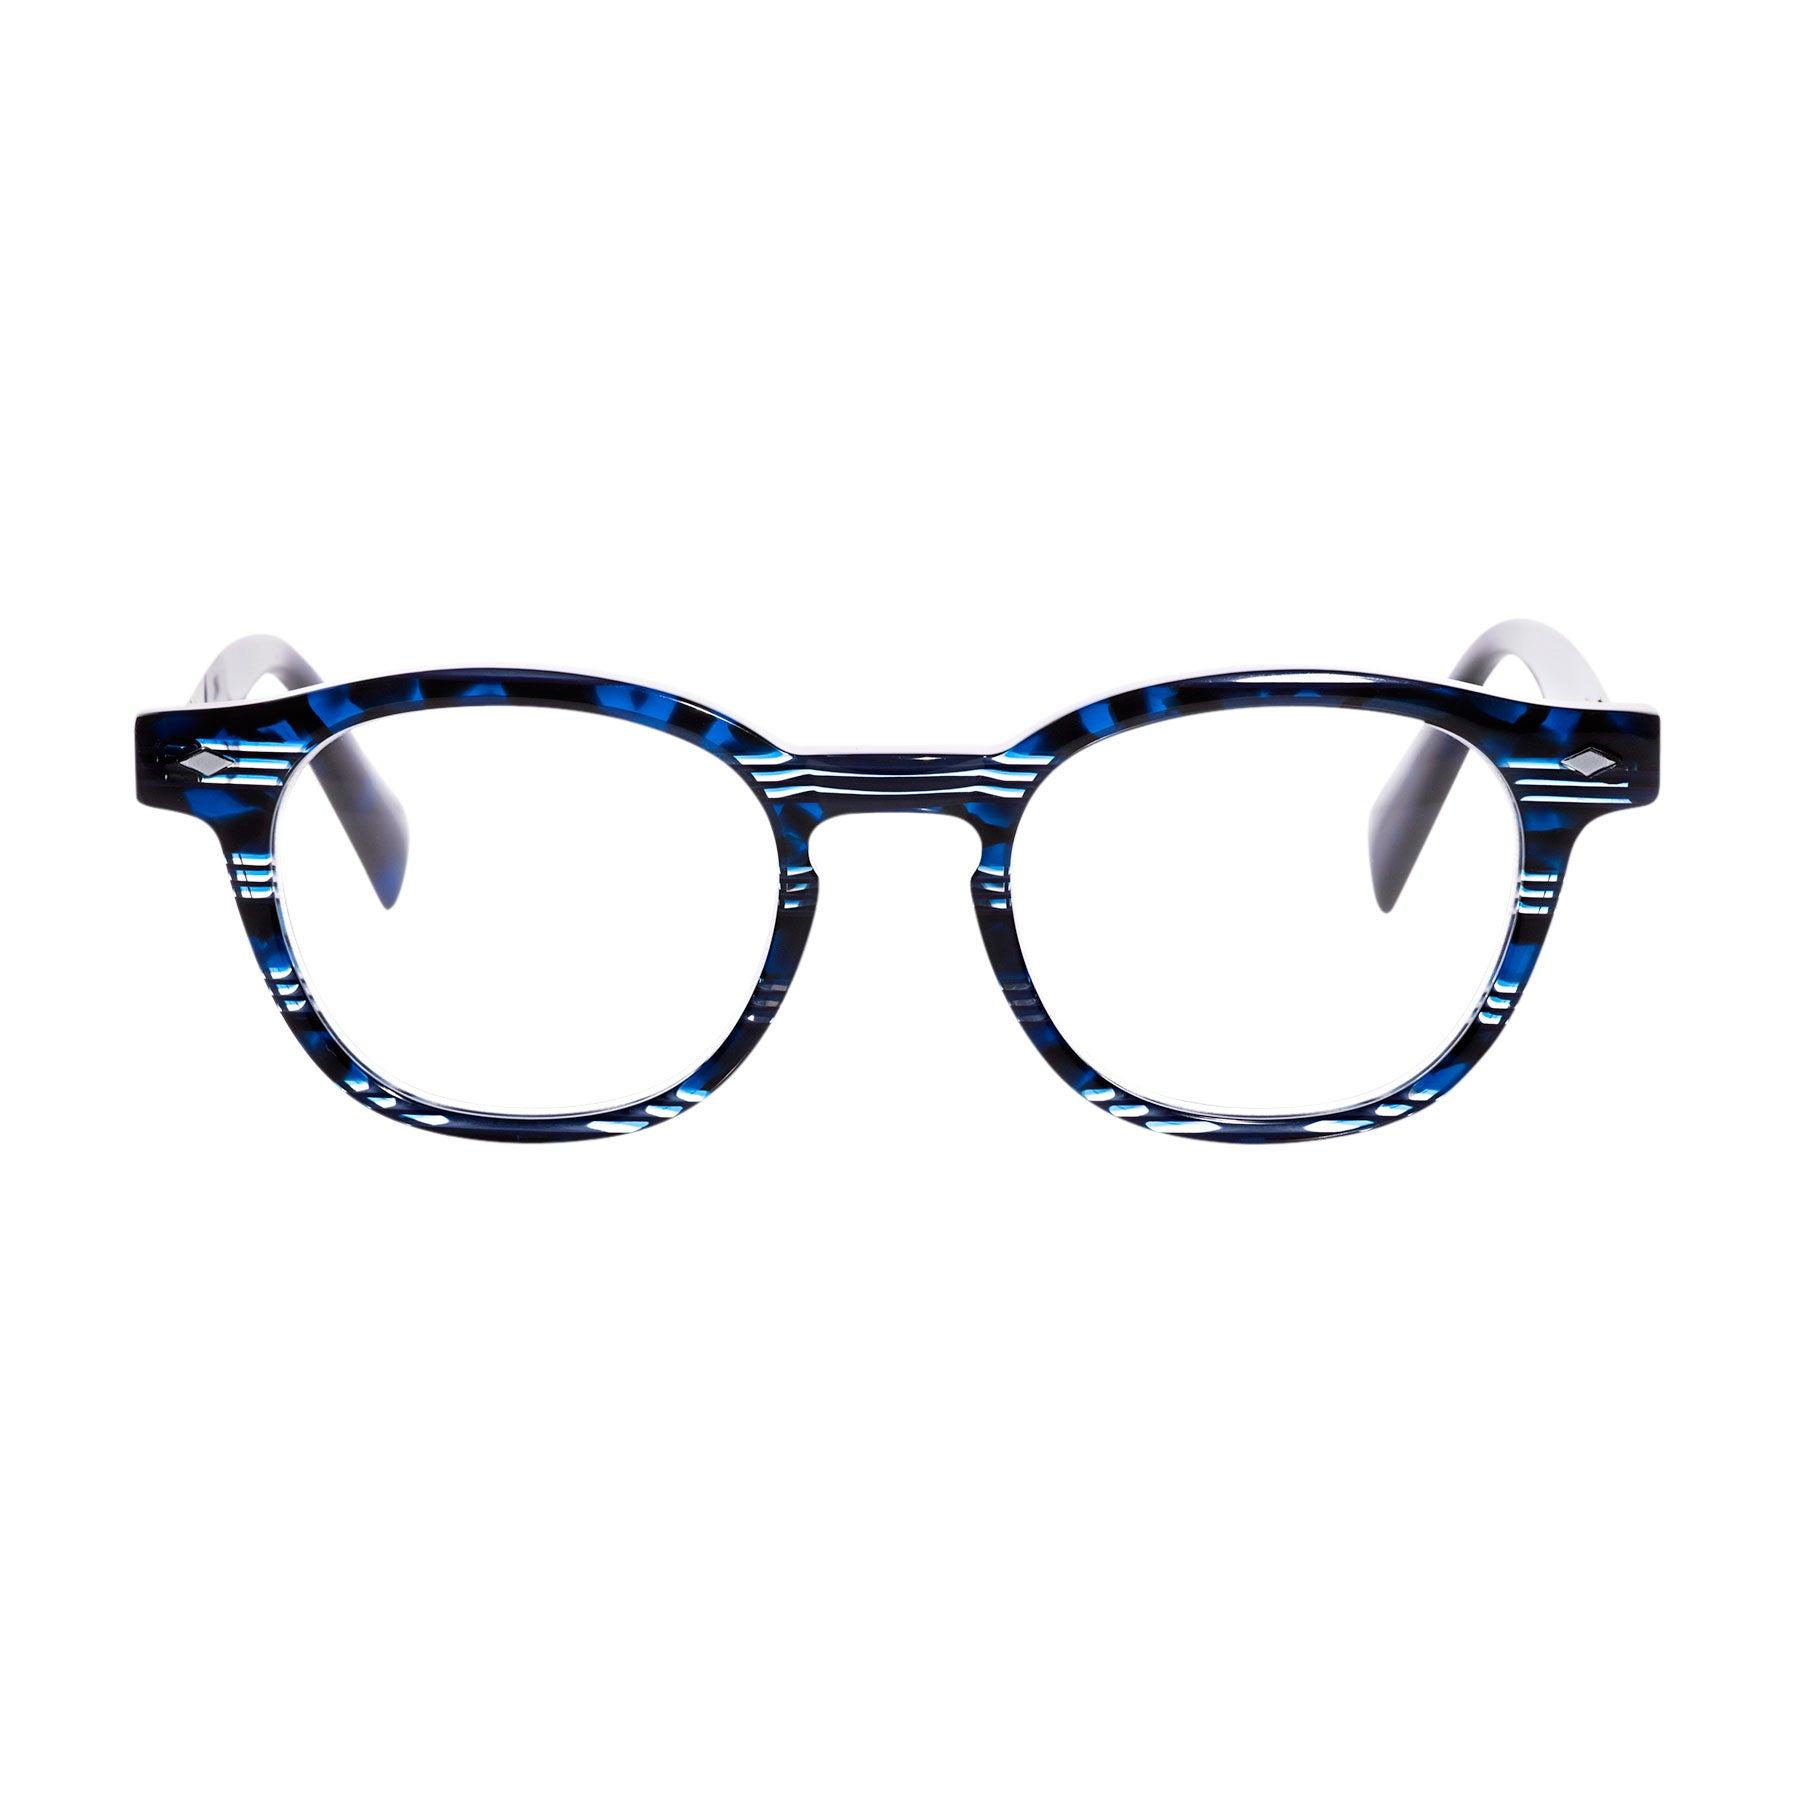 5825b425a8c Best Eyewear for 2017 - Essence